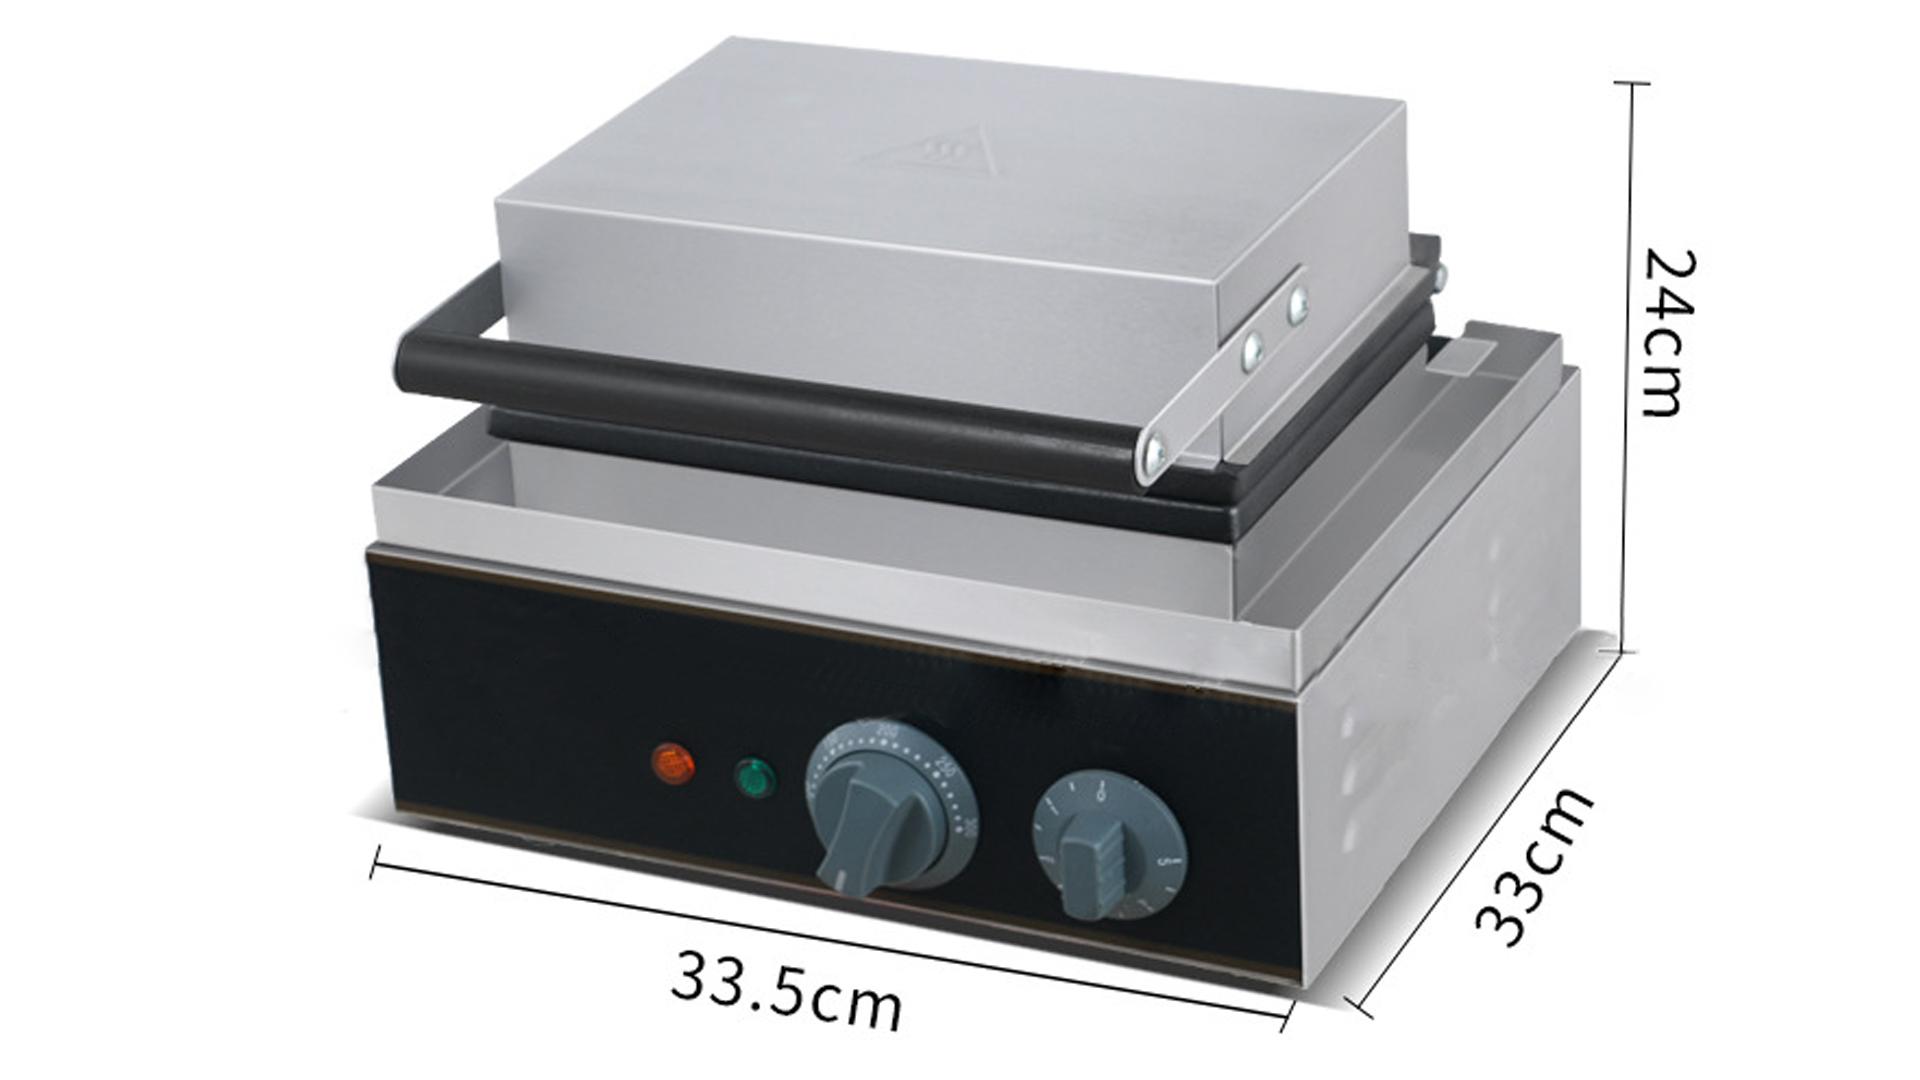 Benchu ماركة التجارية الكهربائية التدفئة الكهربائية جولة المعجنات آلة FYX-5A دونات مقرمشة آلة هش البسكويت كعكات آلة وجبات خفيفة عارضة